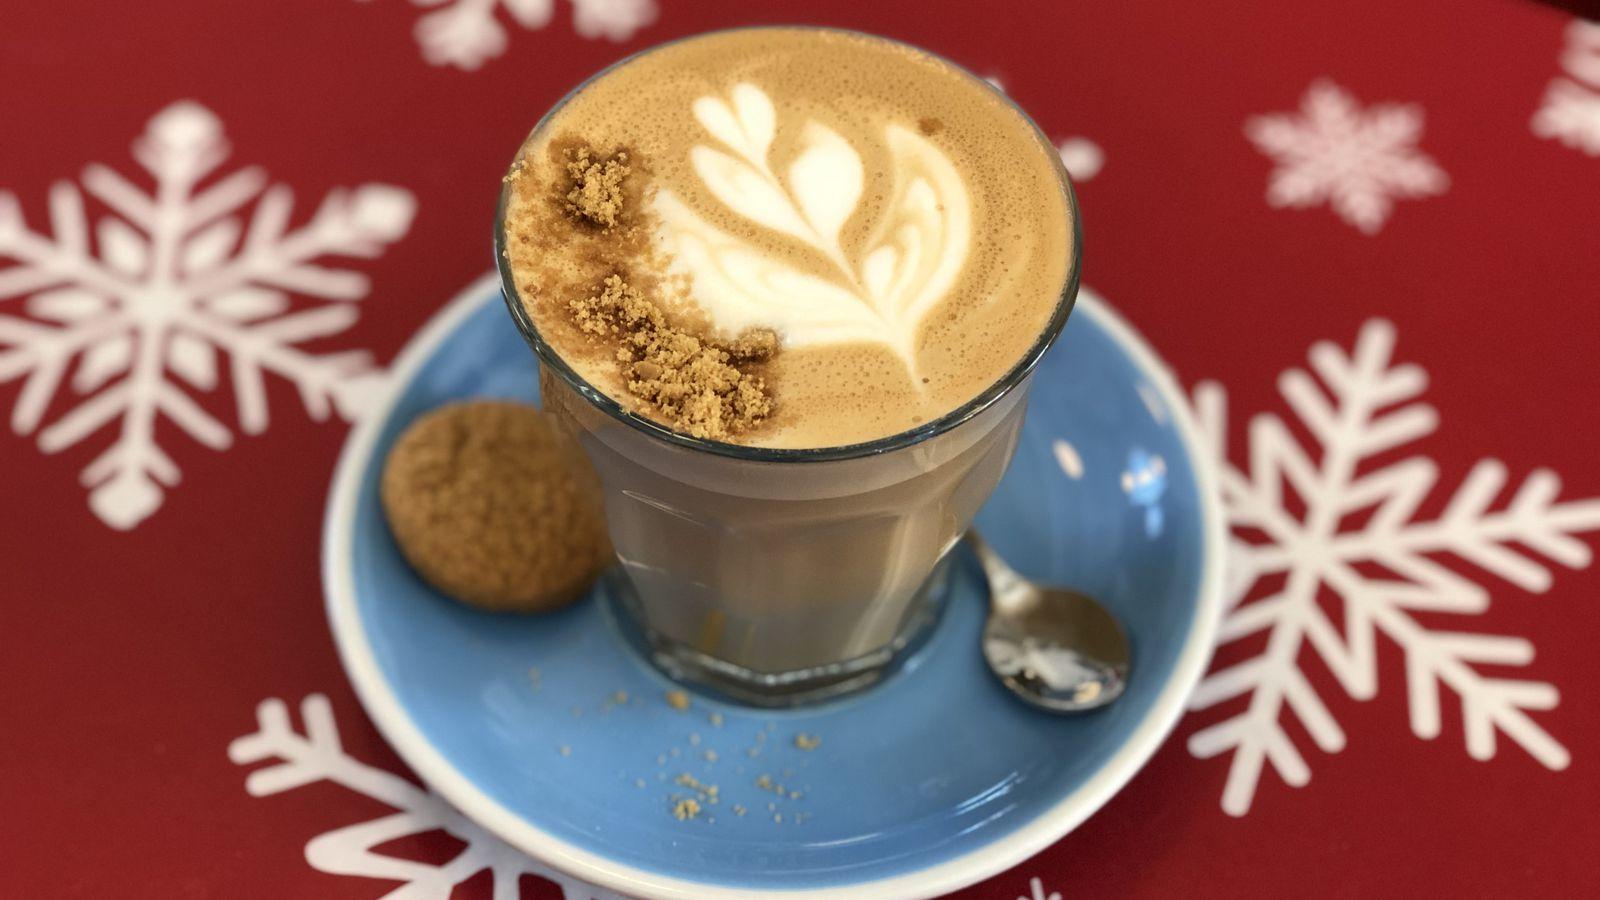 The gingerbread latte at Intermezzo Coffee.